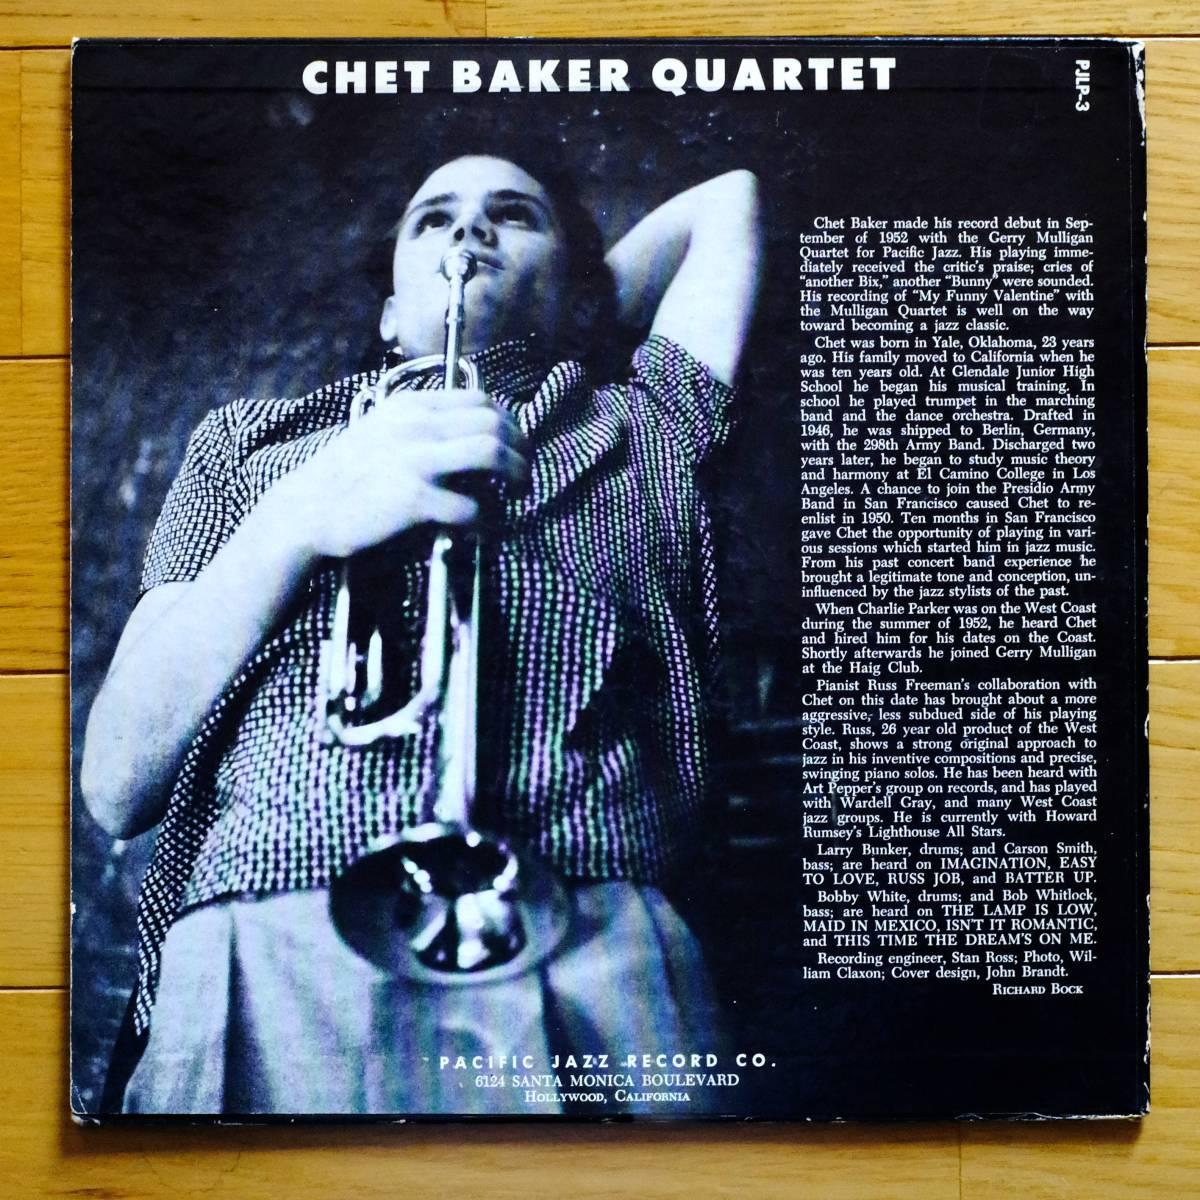 Pacific Jazz PJ-LP3 【The Chet Baker Quartet 】10インチ 極めて良好 フラット盤_画像2